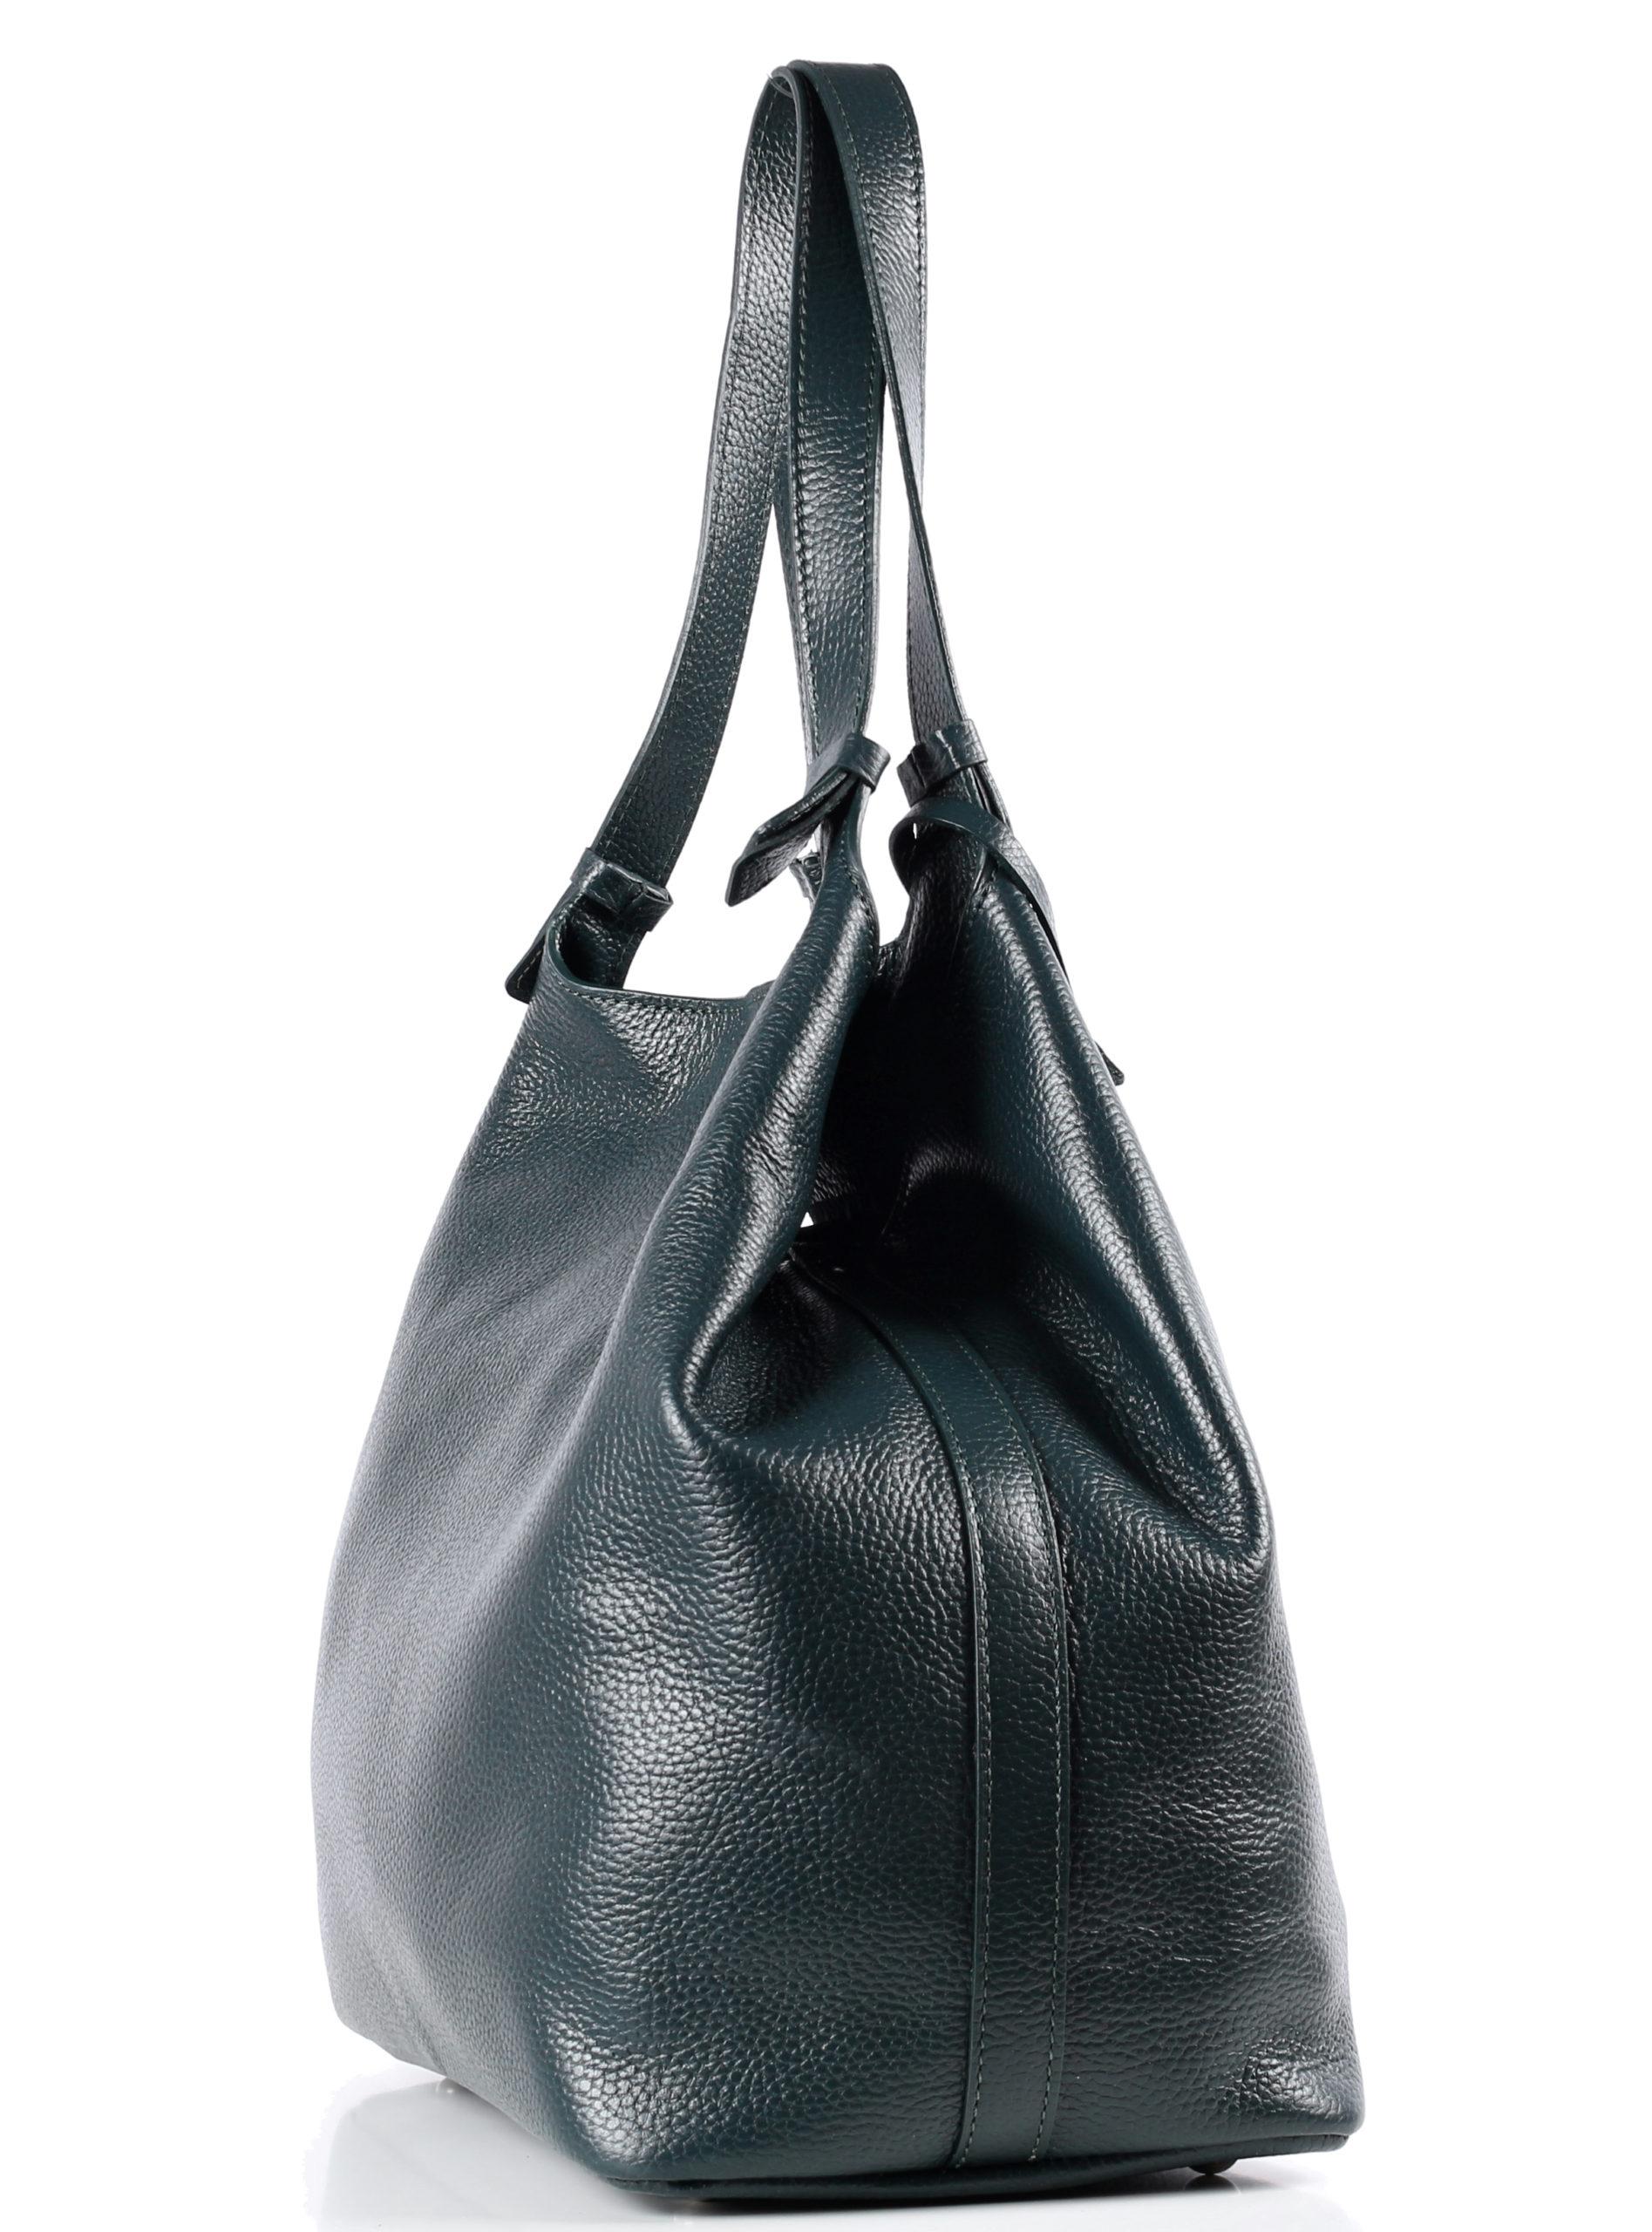 сумка женская нк мод.35815 (8с3645к45 ЗЕЛЕНЫЙ Т. 1)